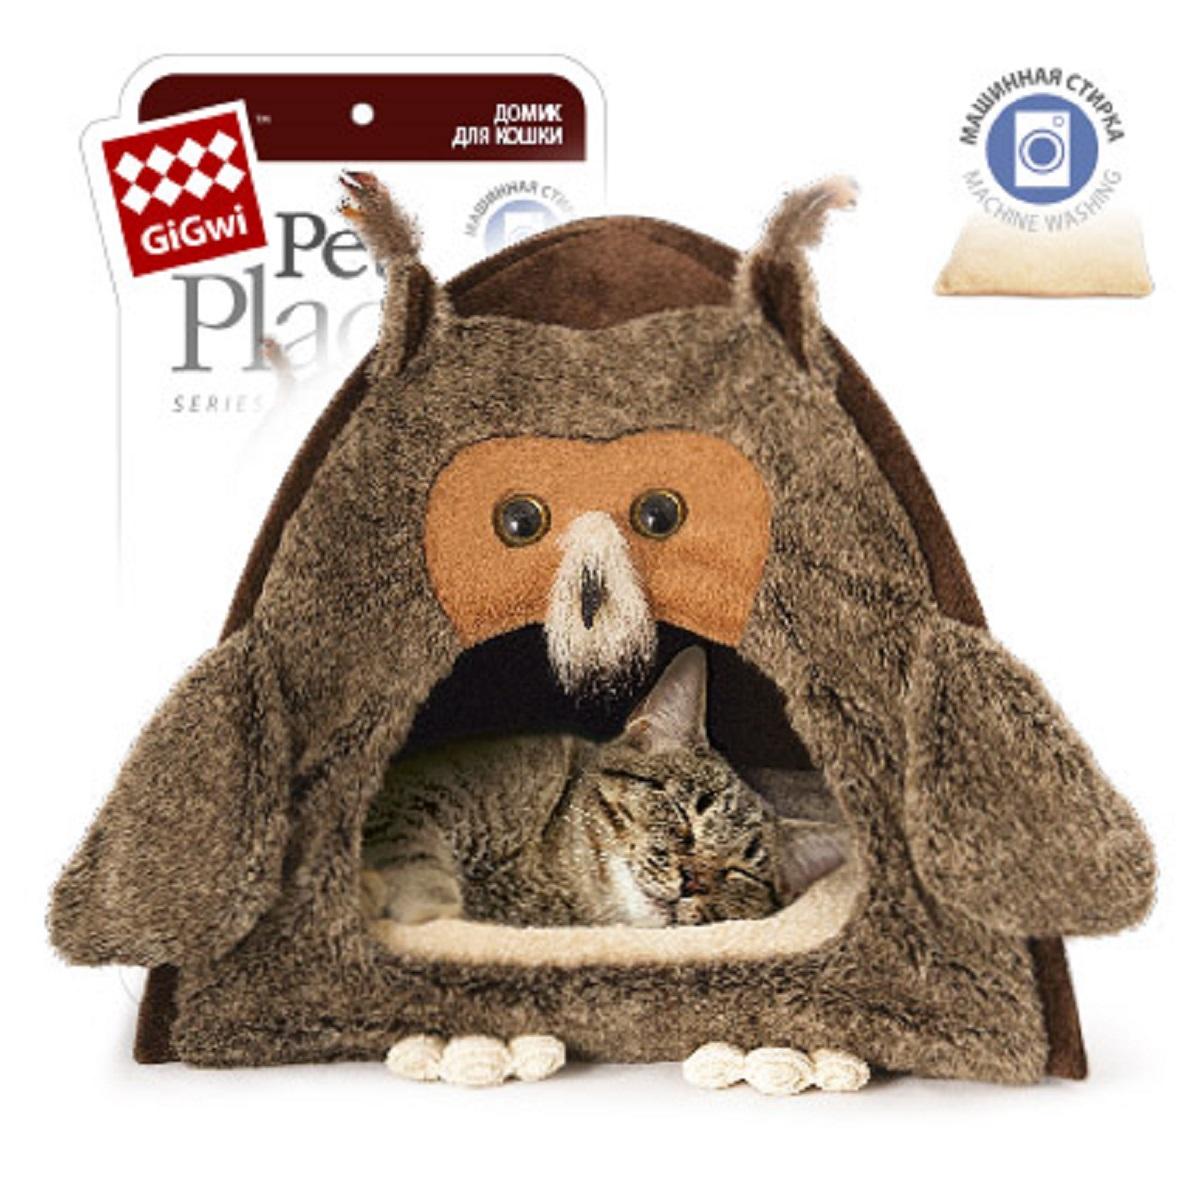 Домик для кошек и собак GiGwi Сова, 40 см х 45 см0120710GiGwi Домик для кошек и собак СоваСкладной и уютный домик для кошки. Забавный дизайн. Высокое качество материалов. Машинная стирка.